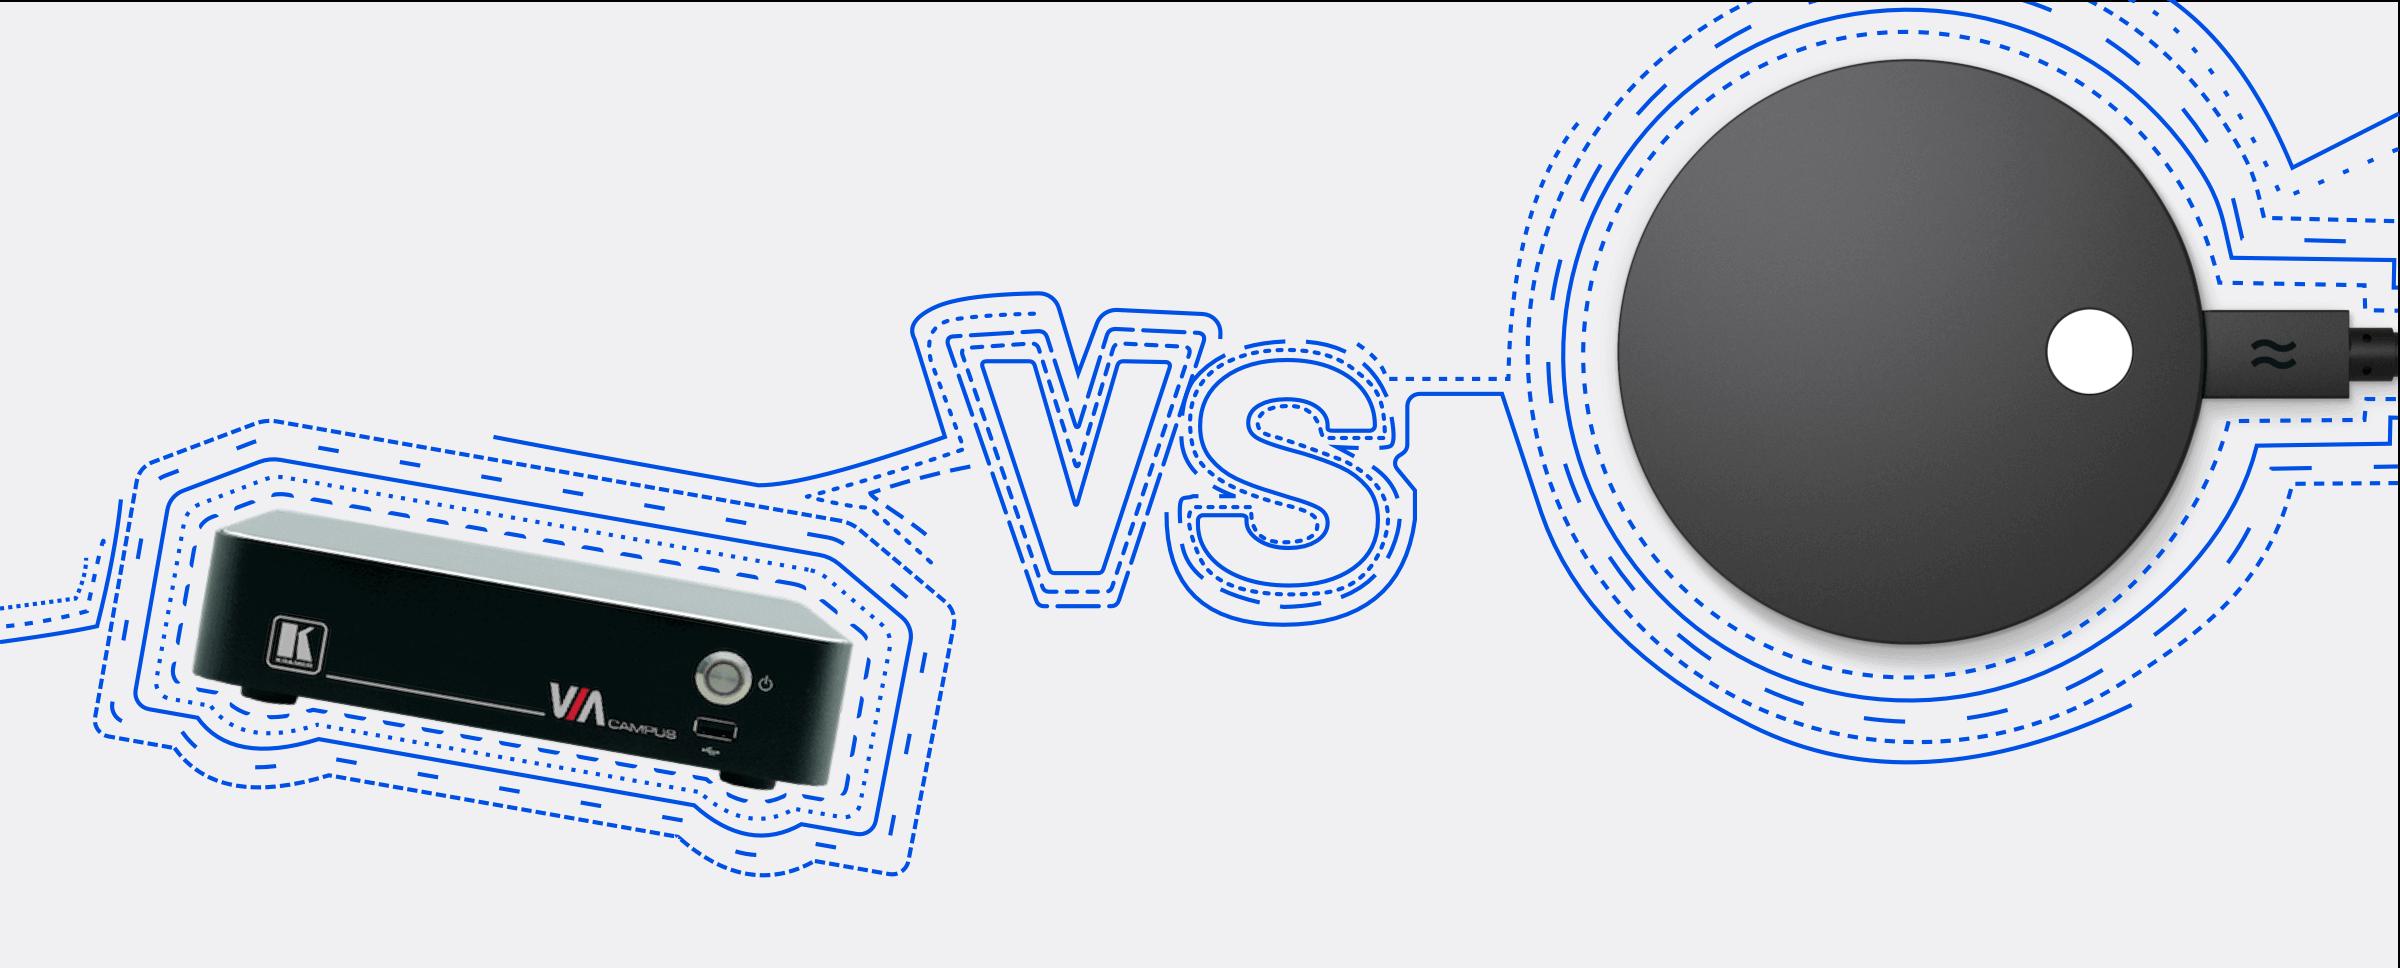 Kramer VIA Go vs Airtame 2